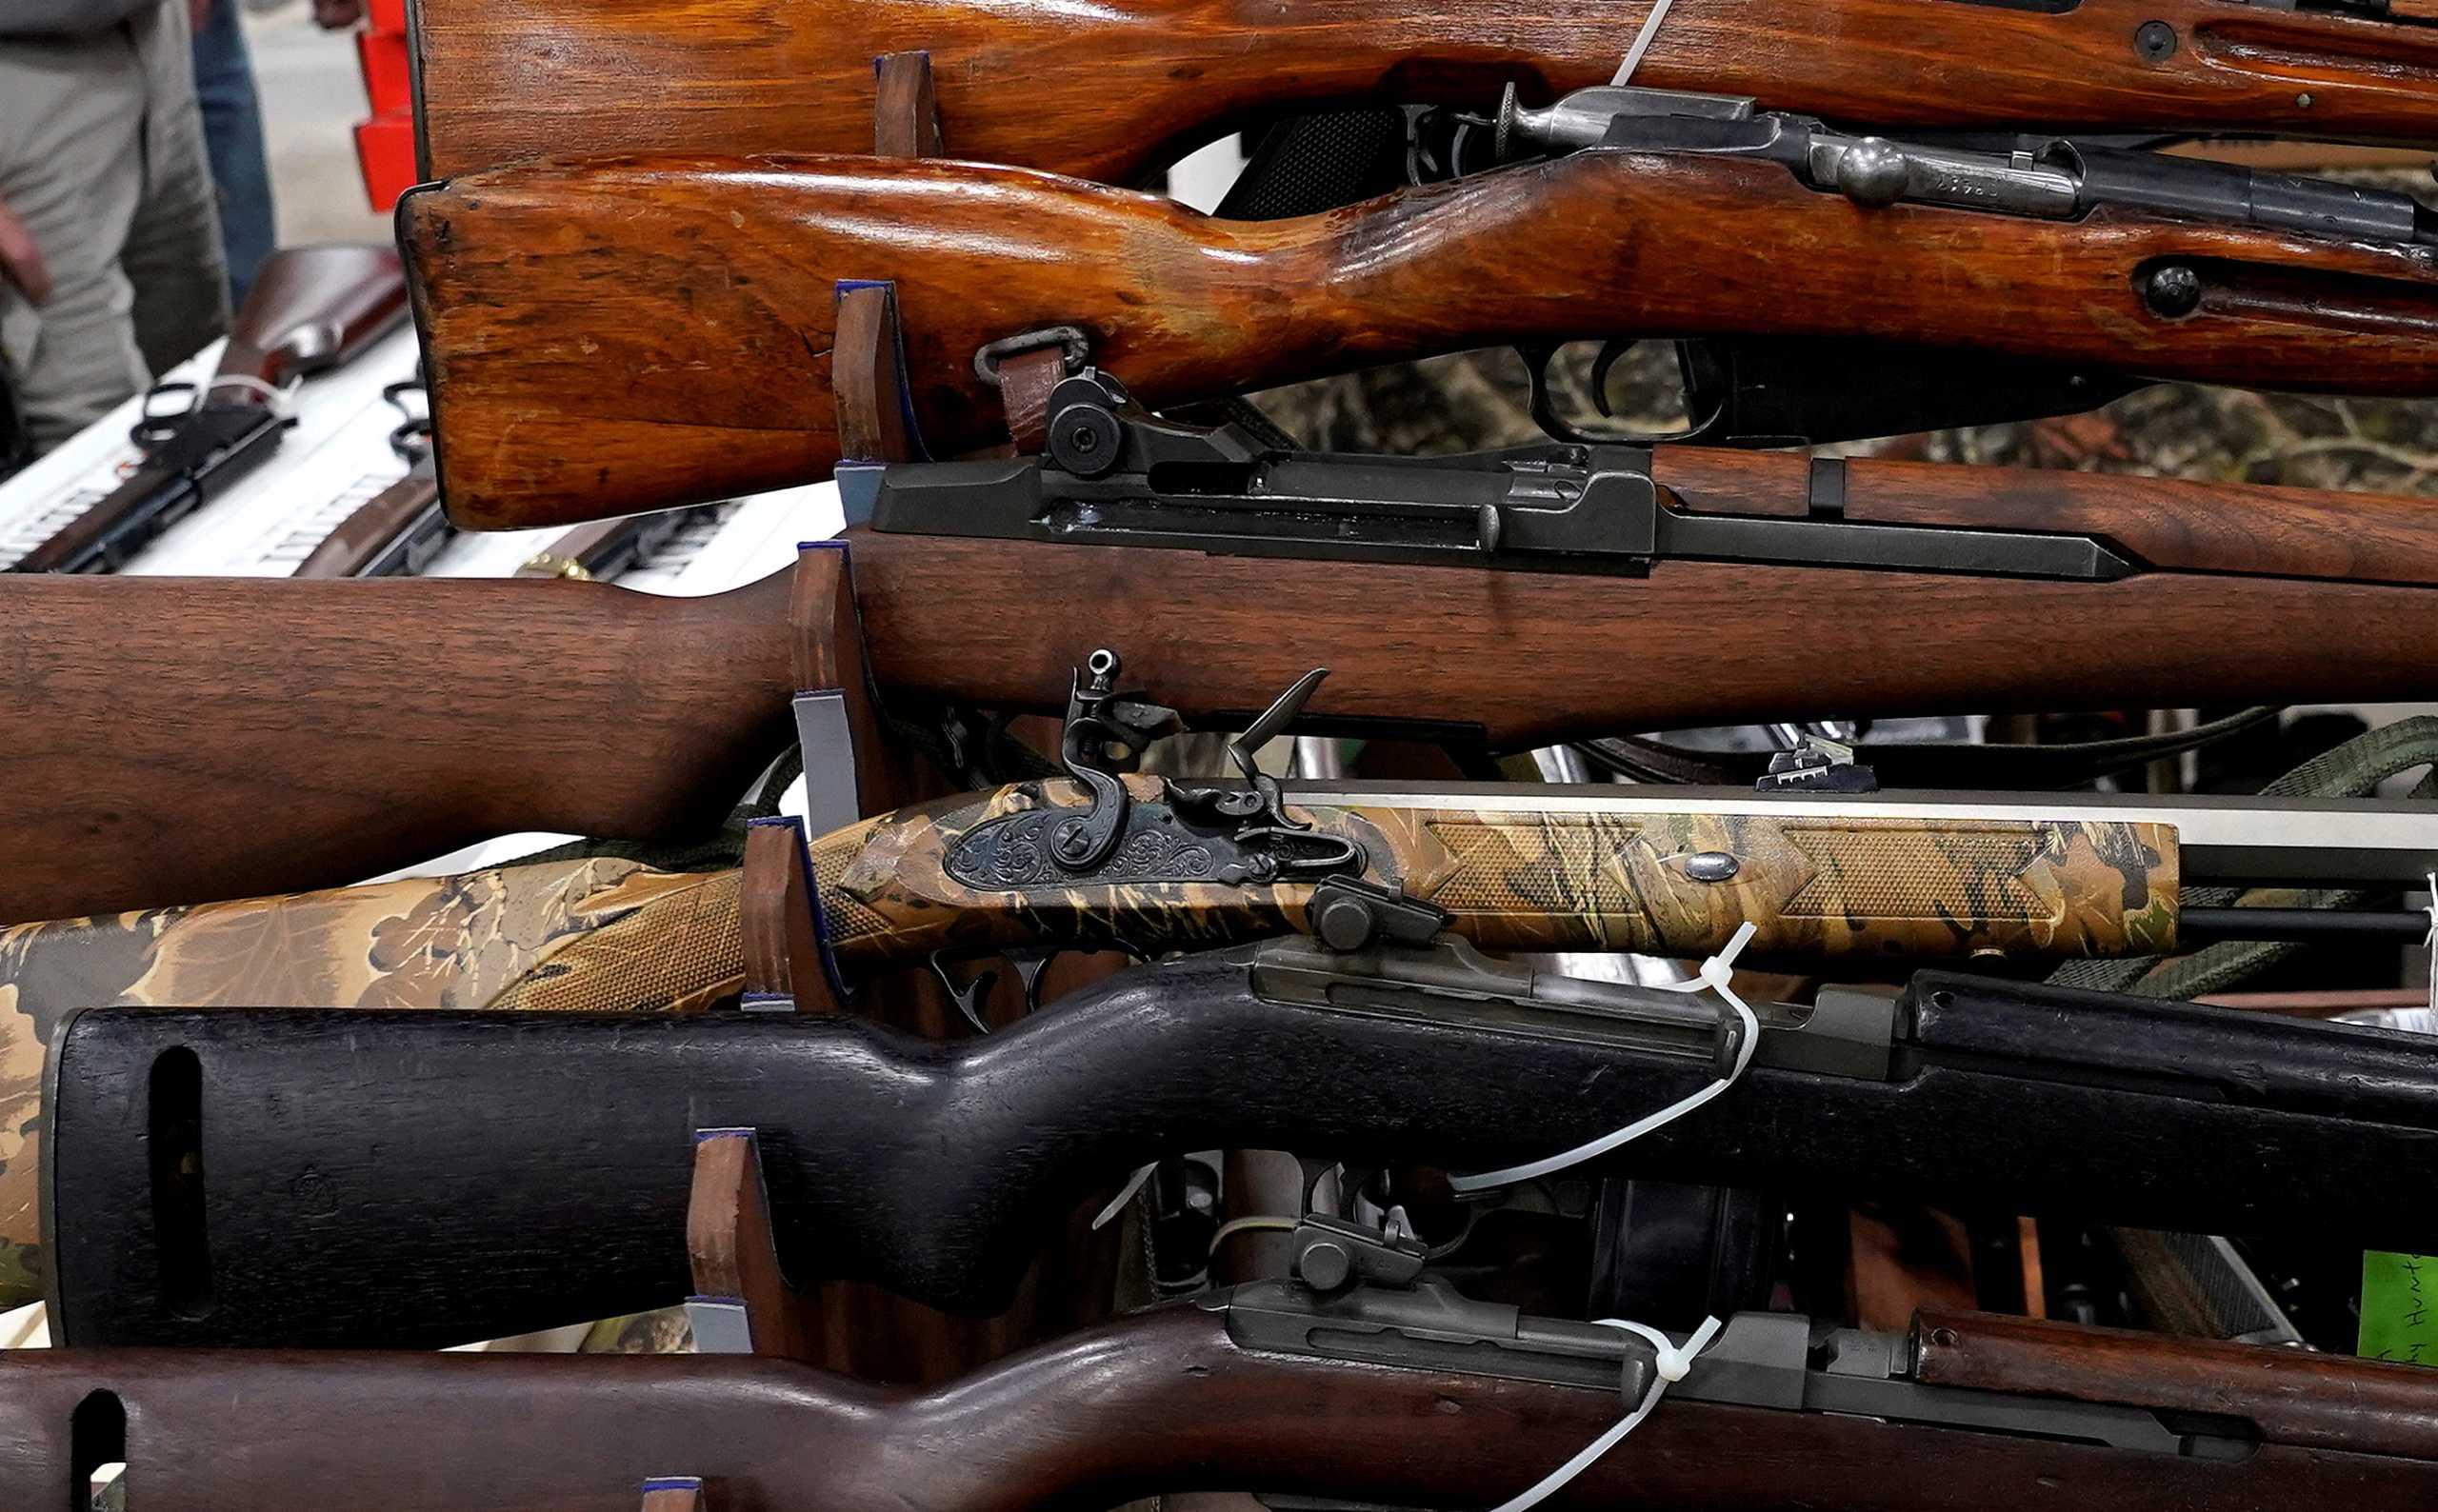 ΗΠΑ: Απέφυγαν νέο μακελειό; Πιάστηκε 22χρονος με 6 όπλα μέσα σε σούπερ μάρκετ